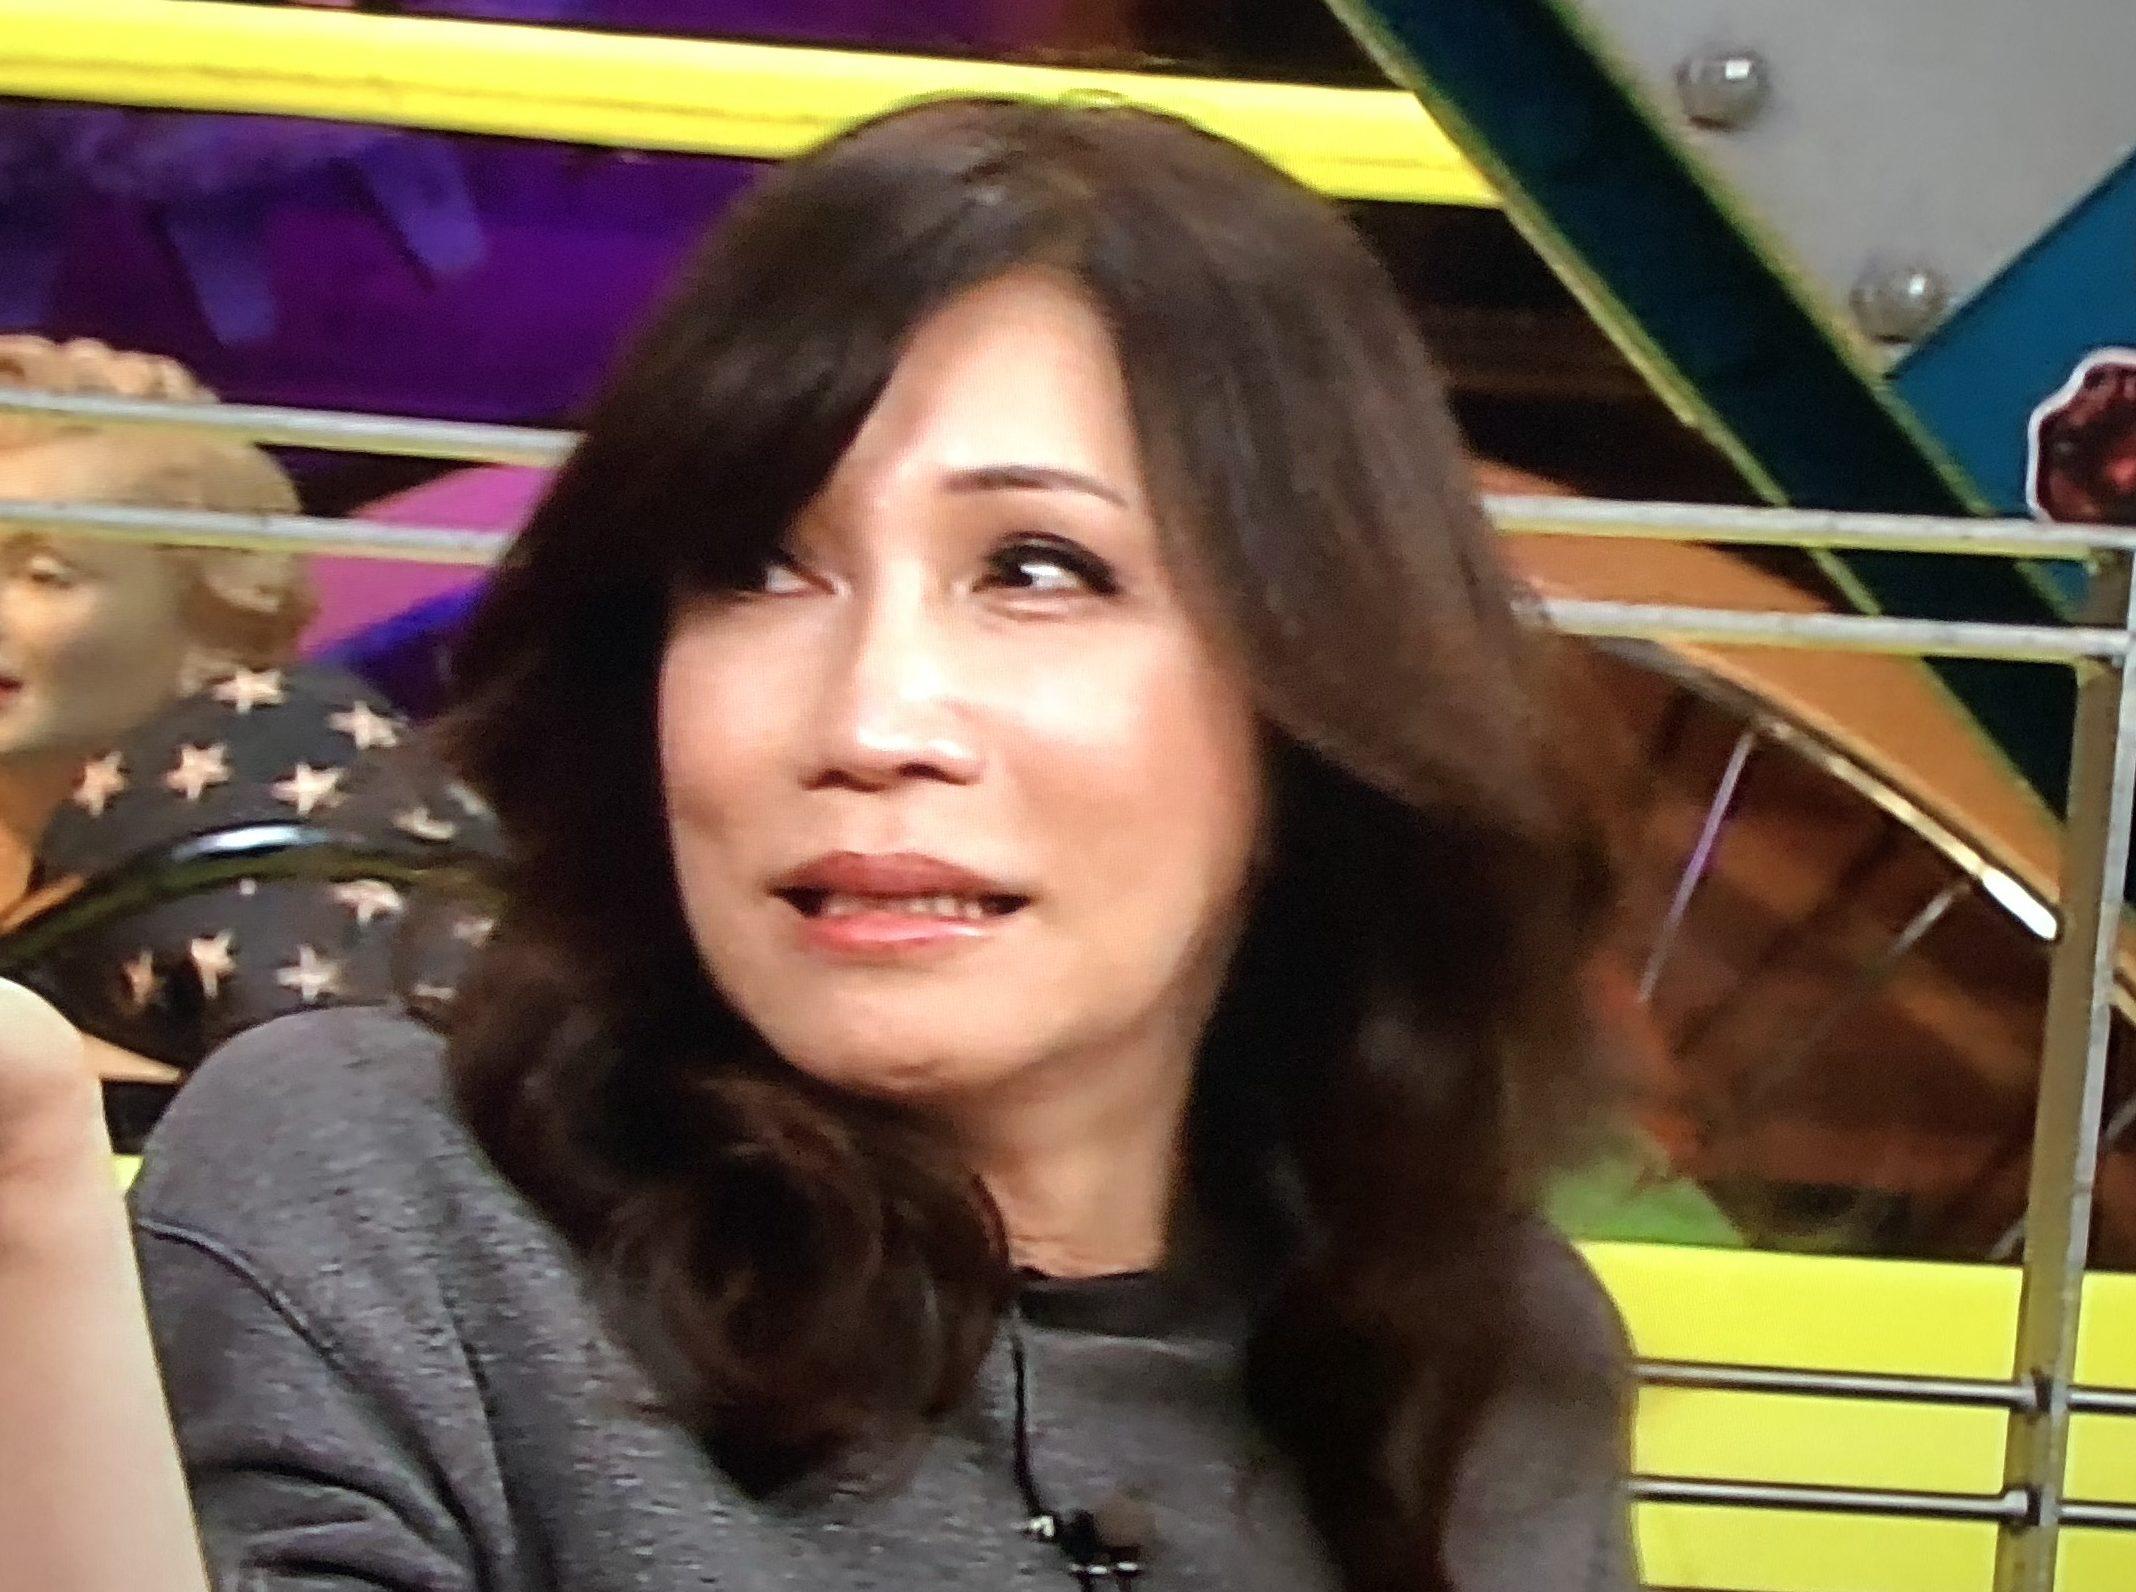 カバ ちゃん 現在 【2021画像】KABAちゃんの昔と今!顔と声の激変はいつから?みんなの...